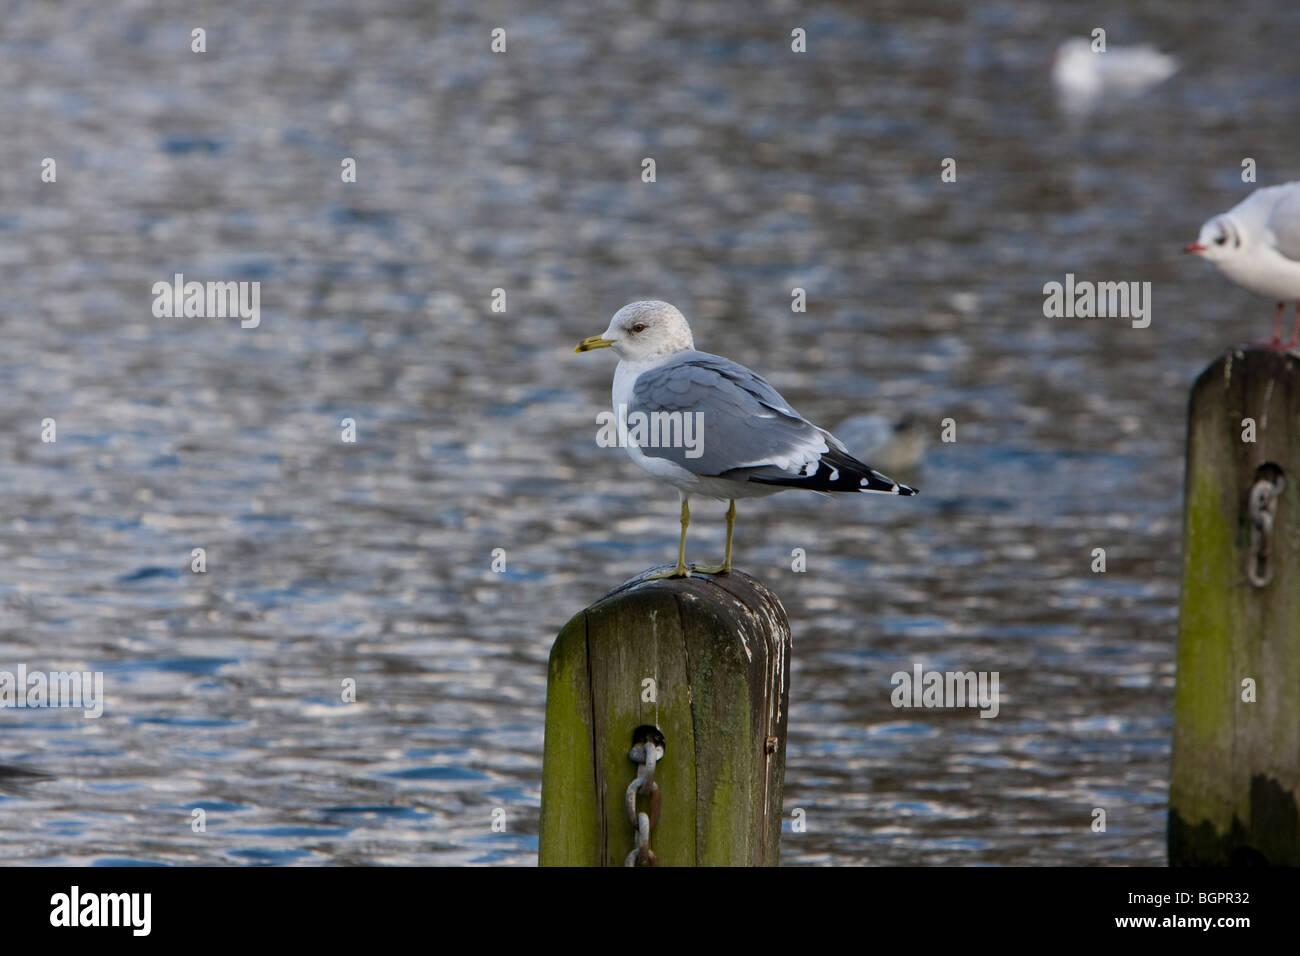 Common Gull Larus canus standing on wooden post, Kensington Gardens, London - Stock Image